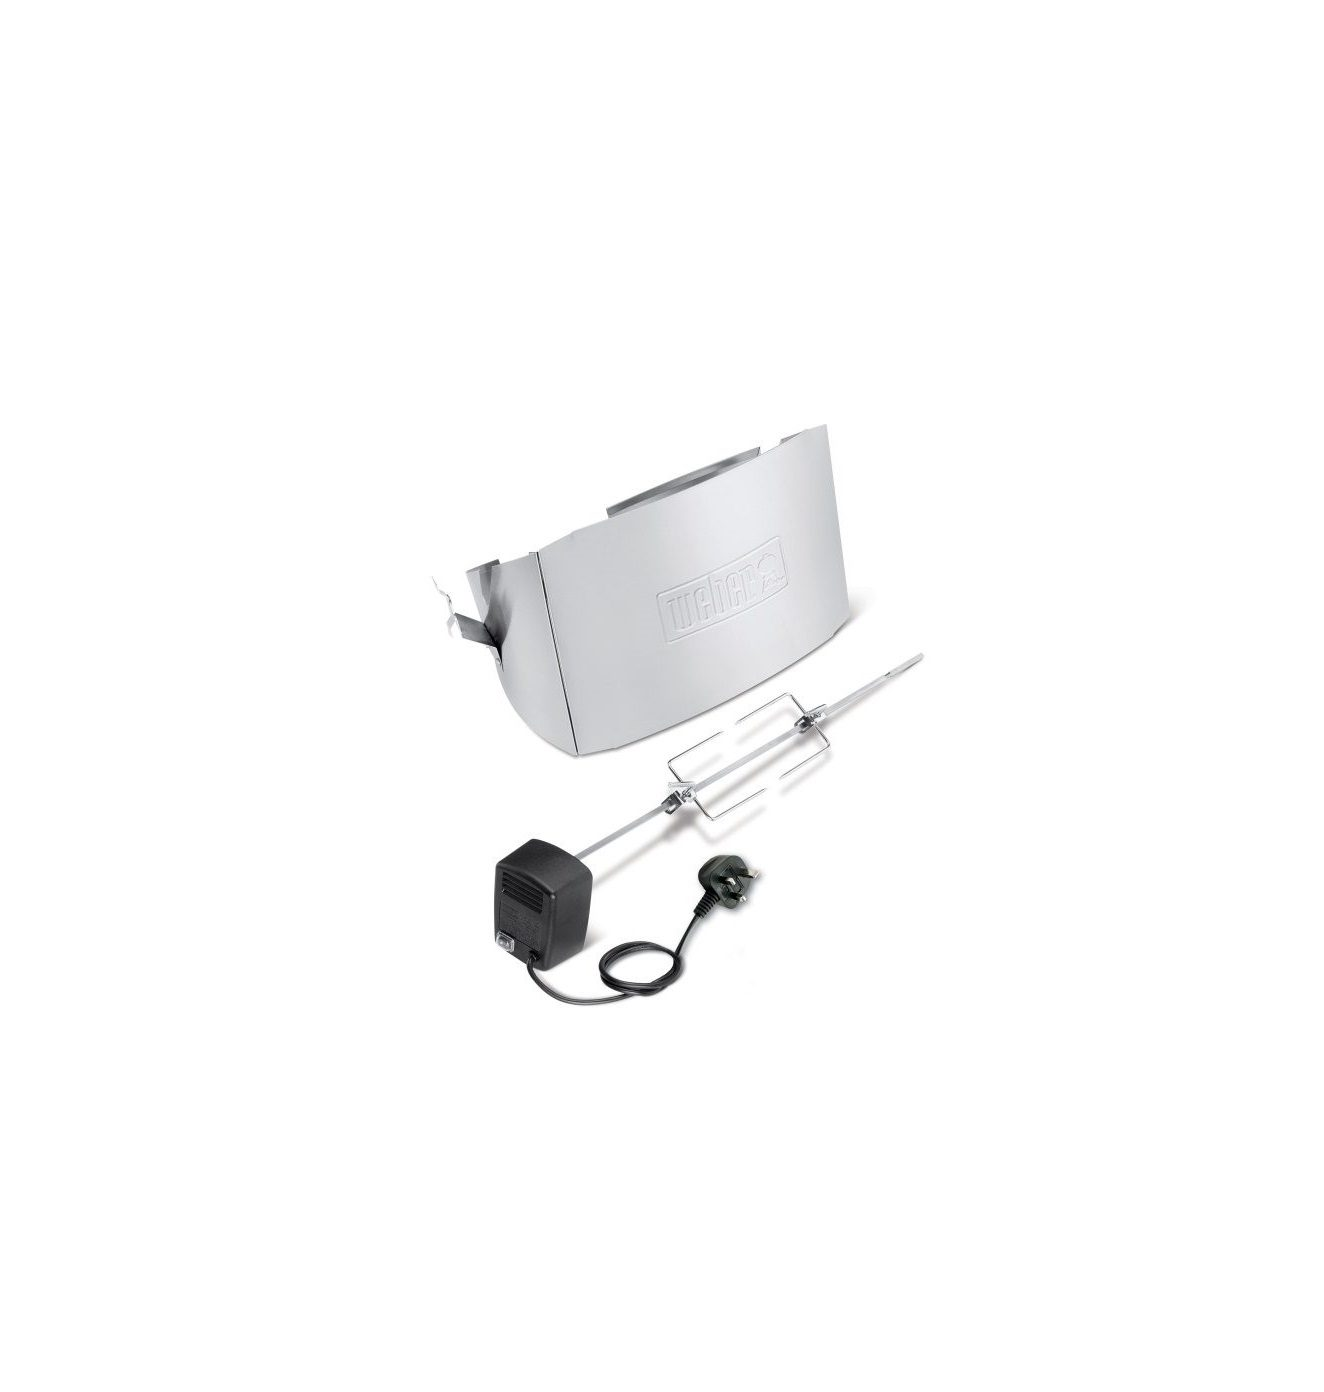 Weber Rotisserie Q1000100 Series 17584